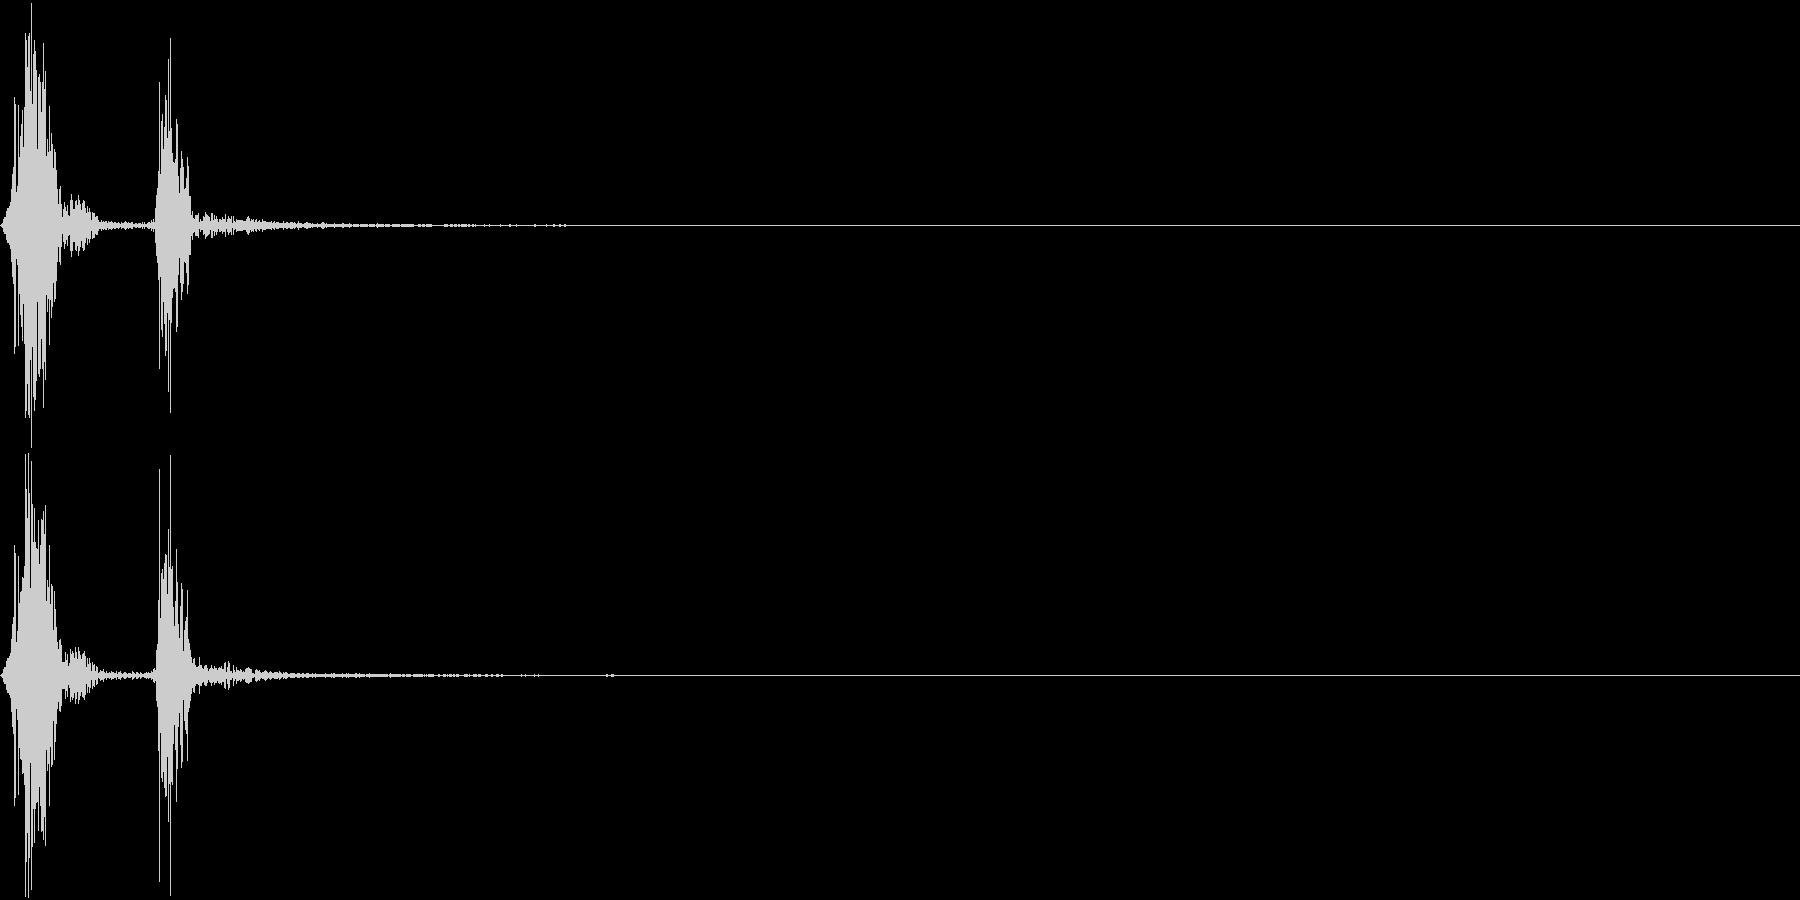 KAKUGE 格闘ゲーム戦闘音 27の未再生の波形